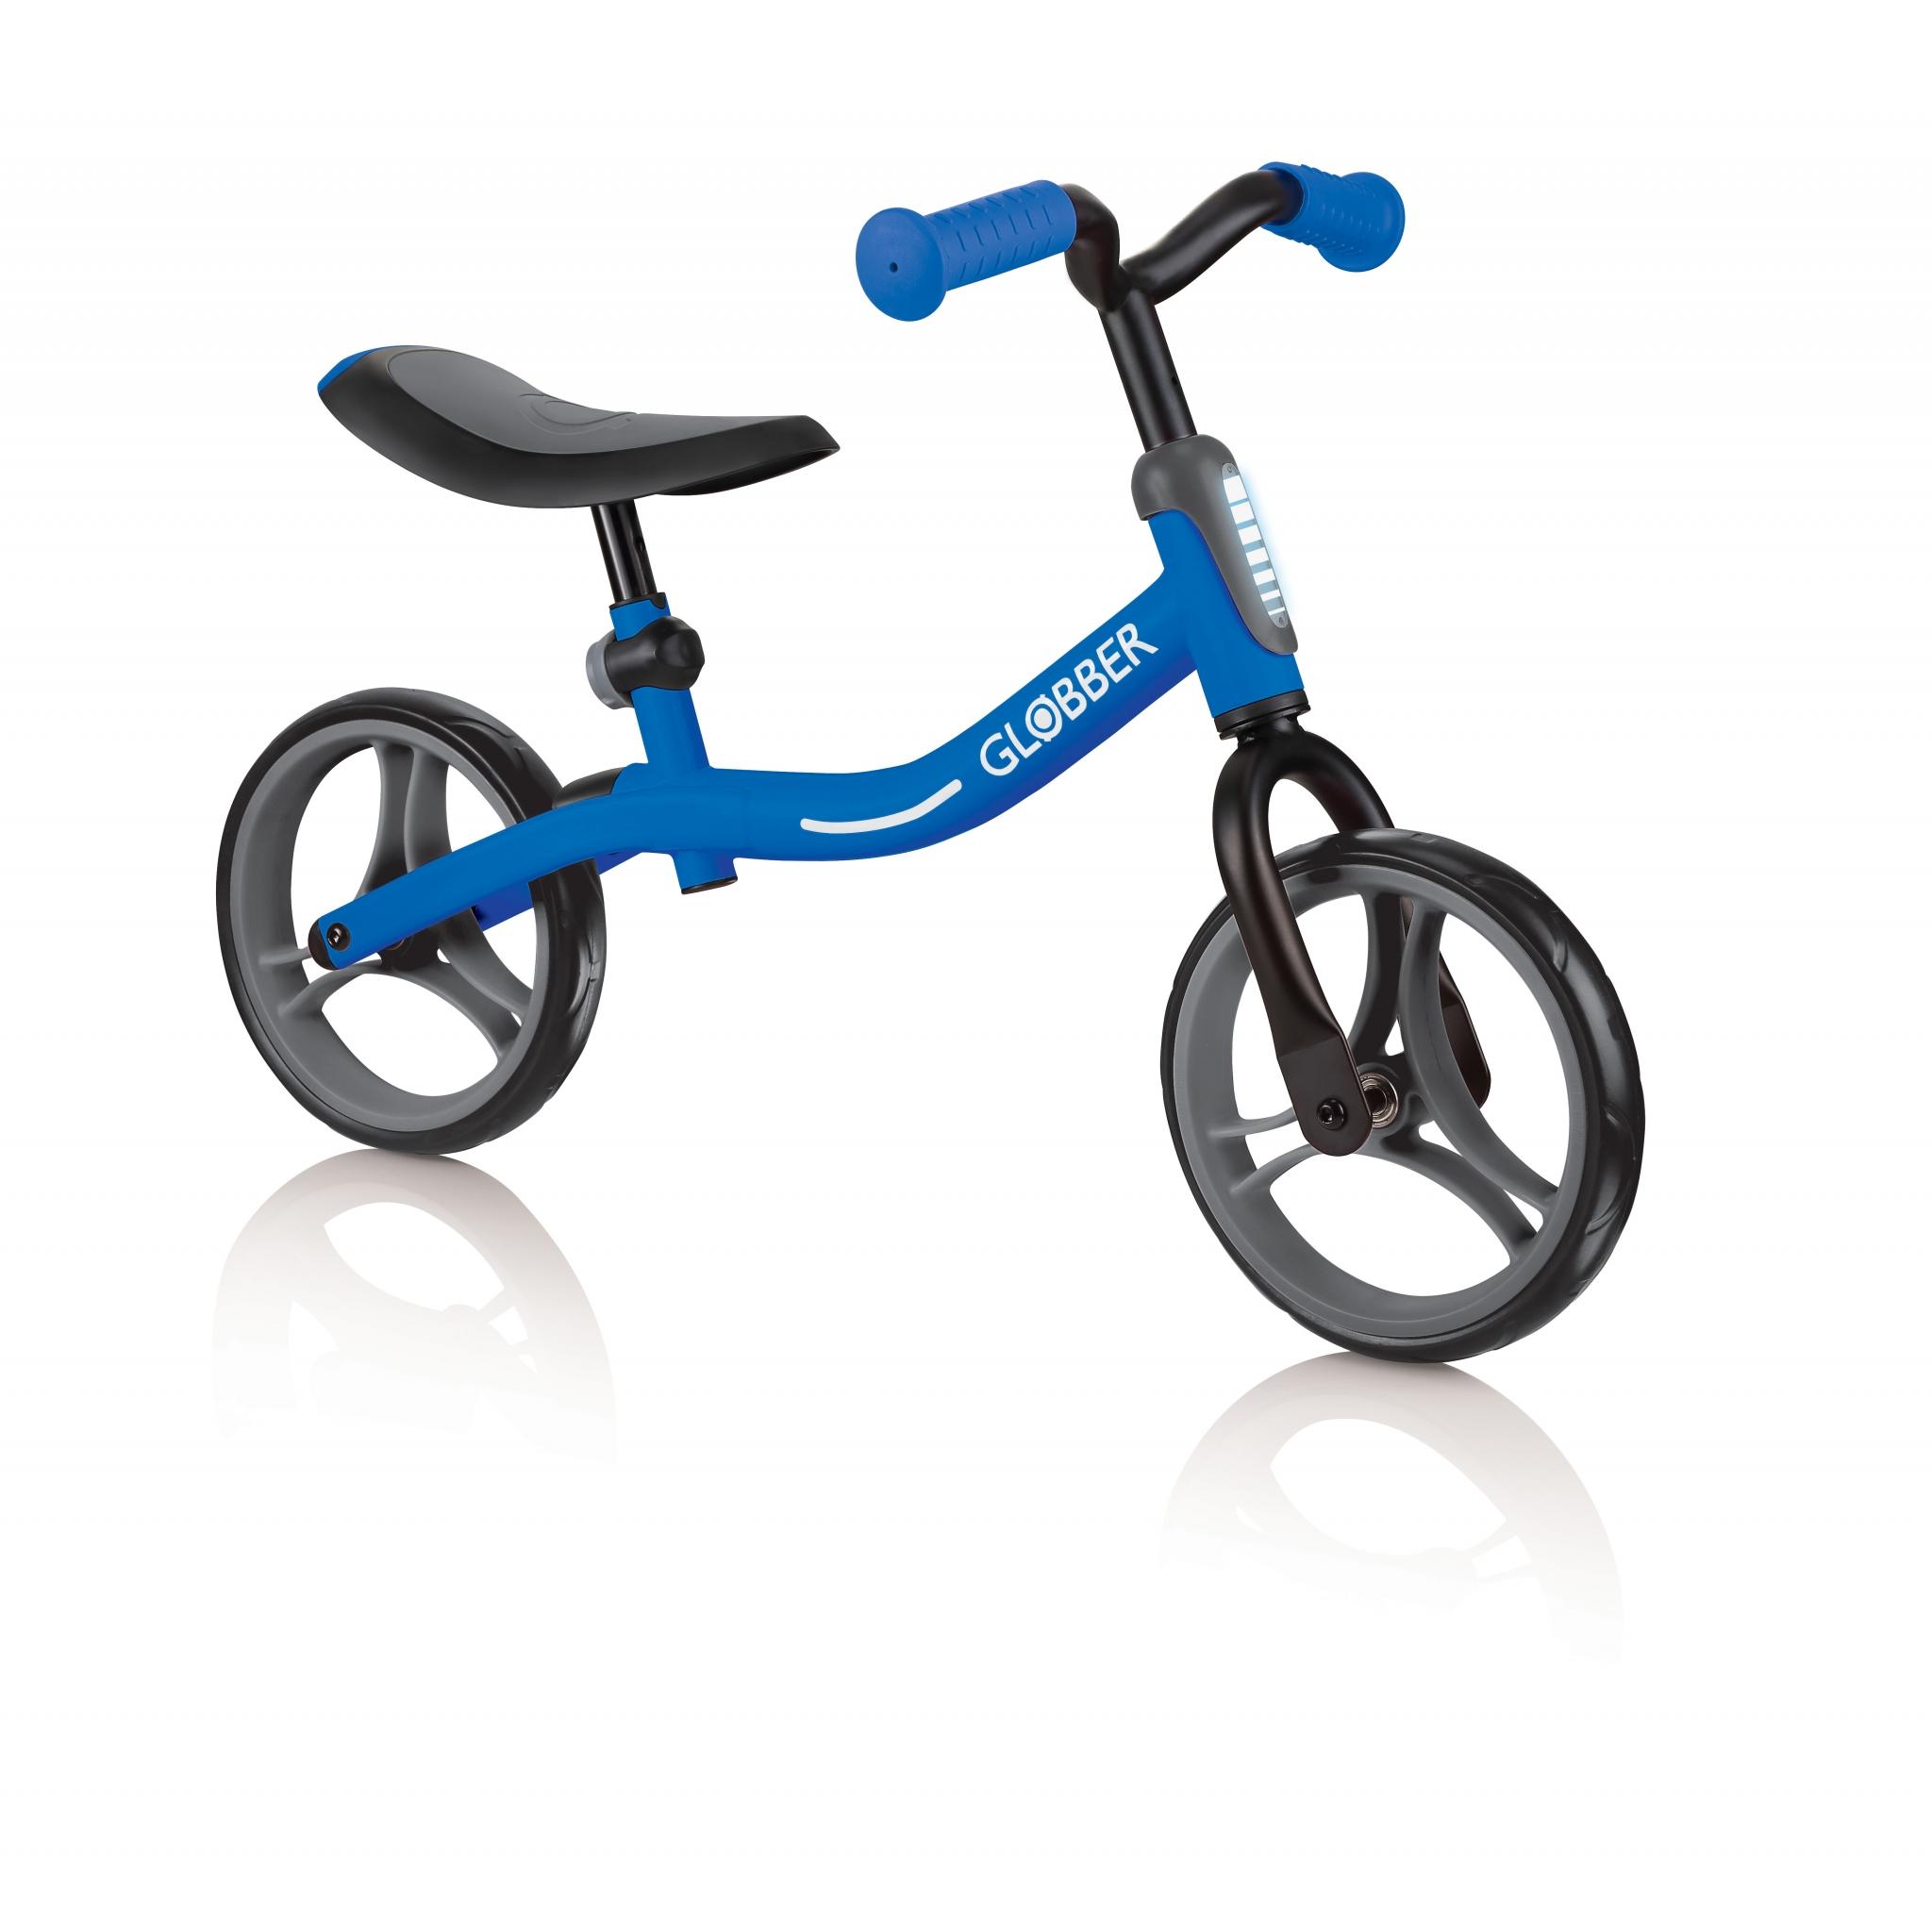 adjustable balance bike for toddlers - Globber GO BIKE 0